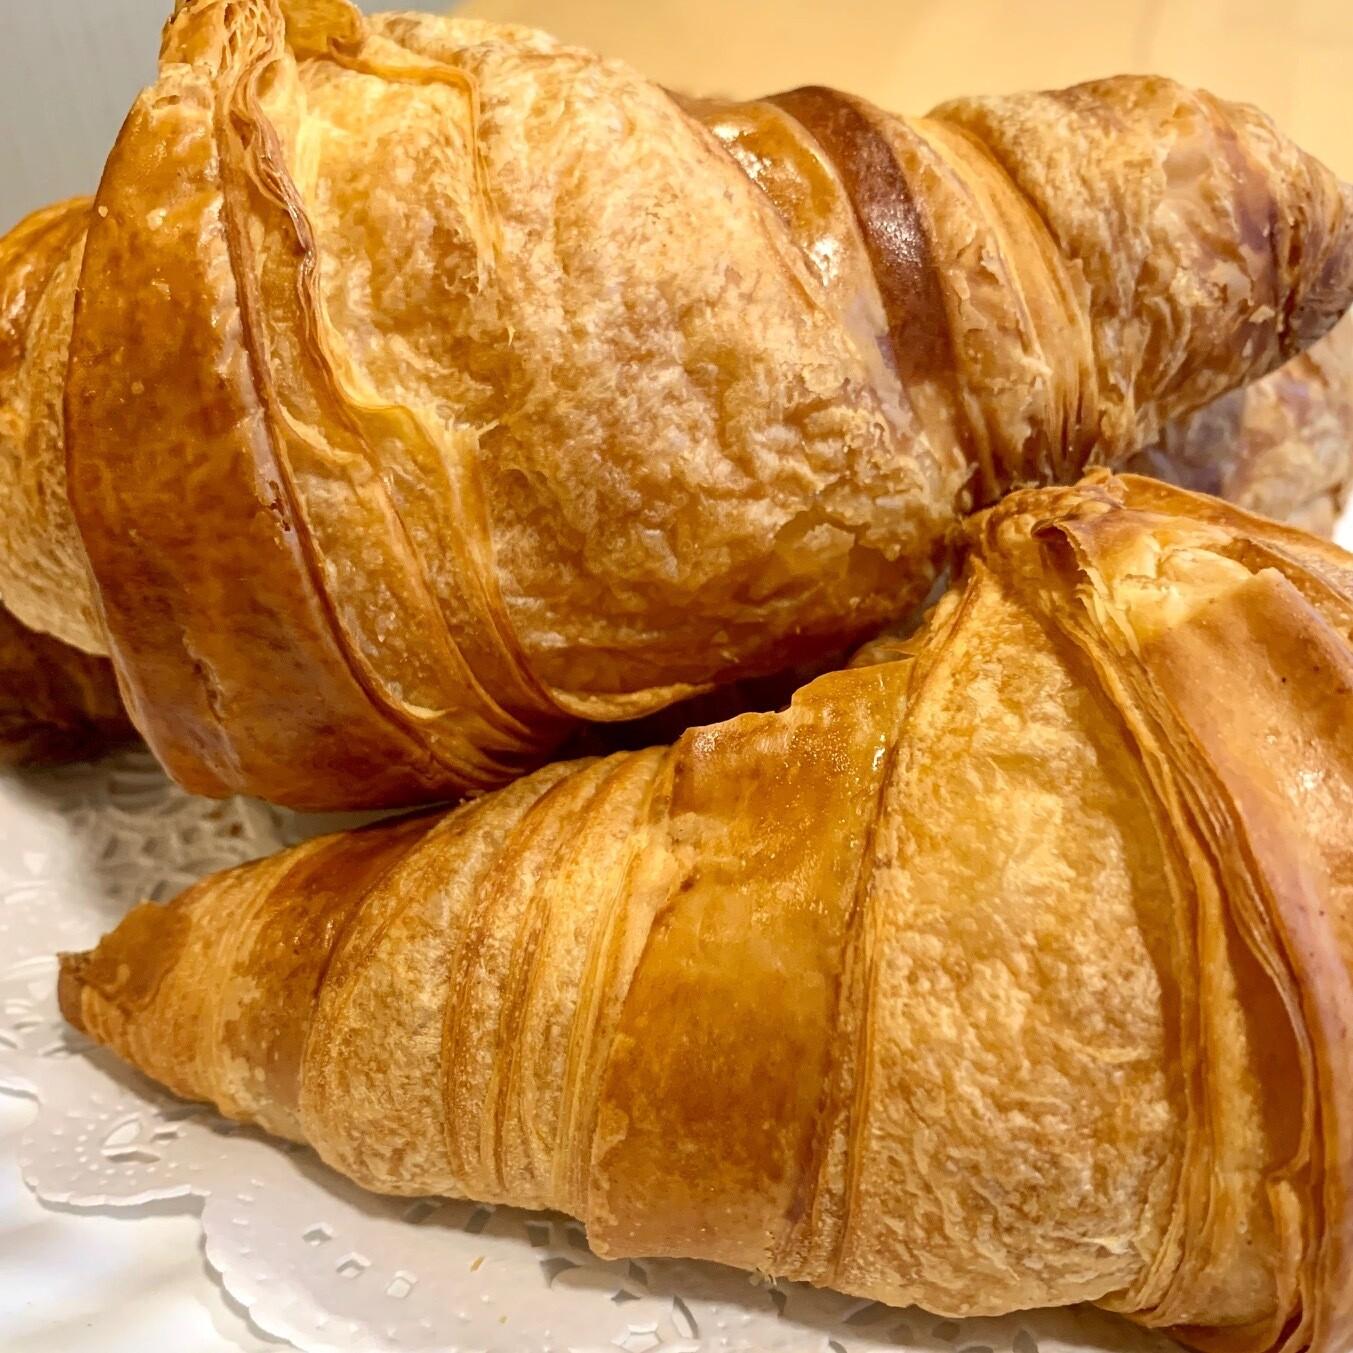 Croissants / 4 butter